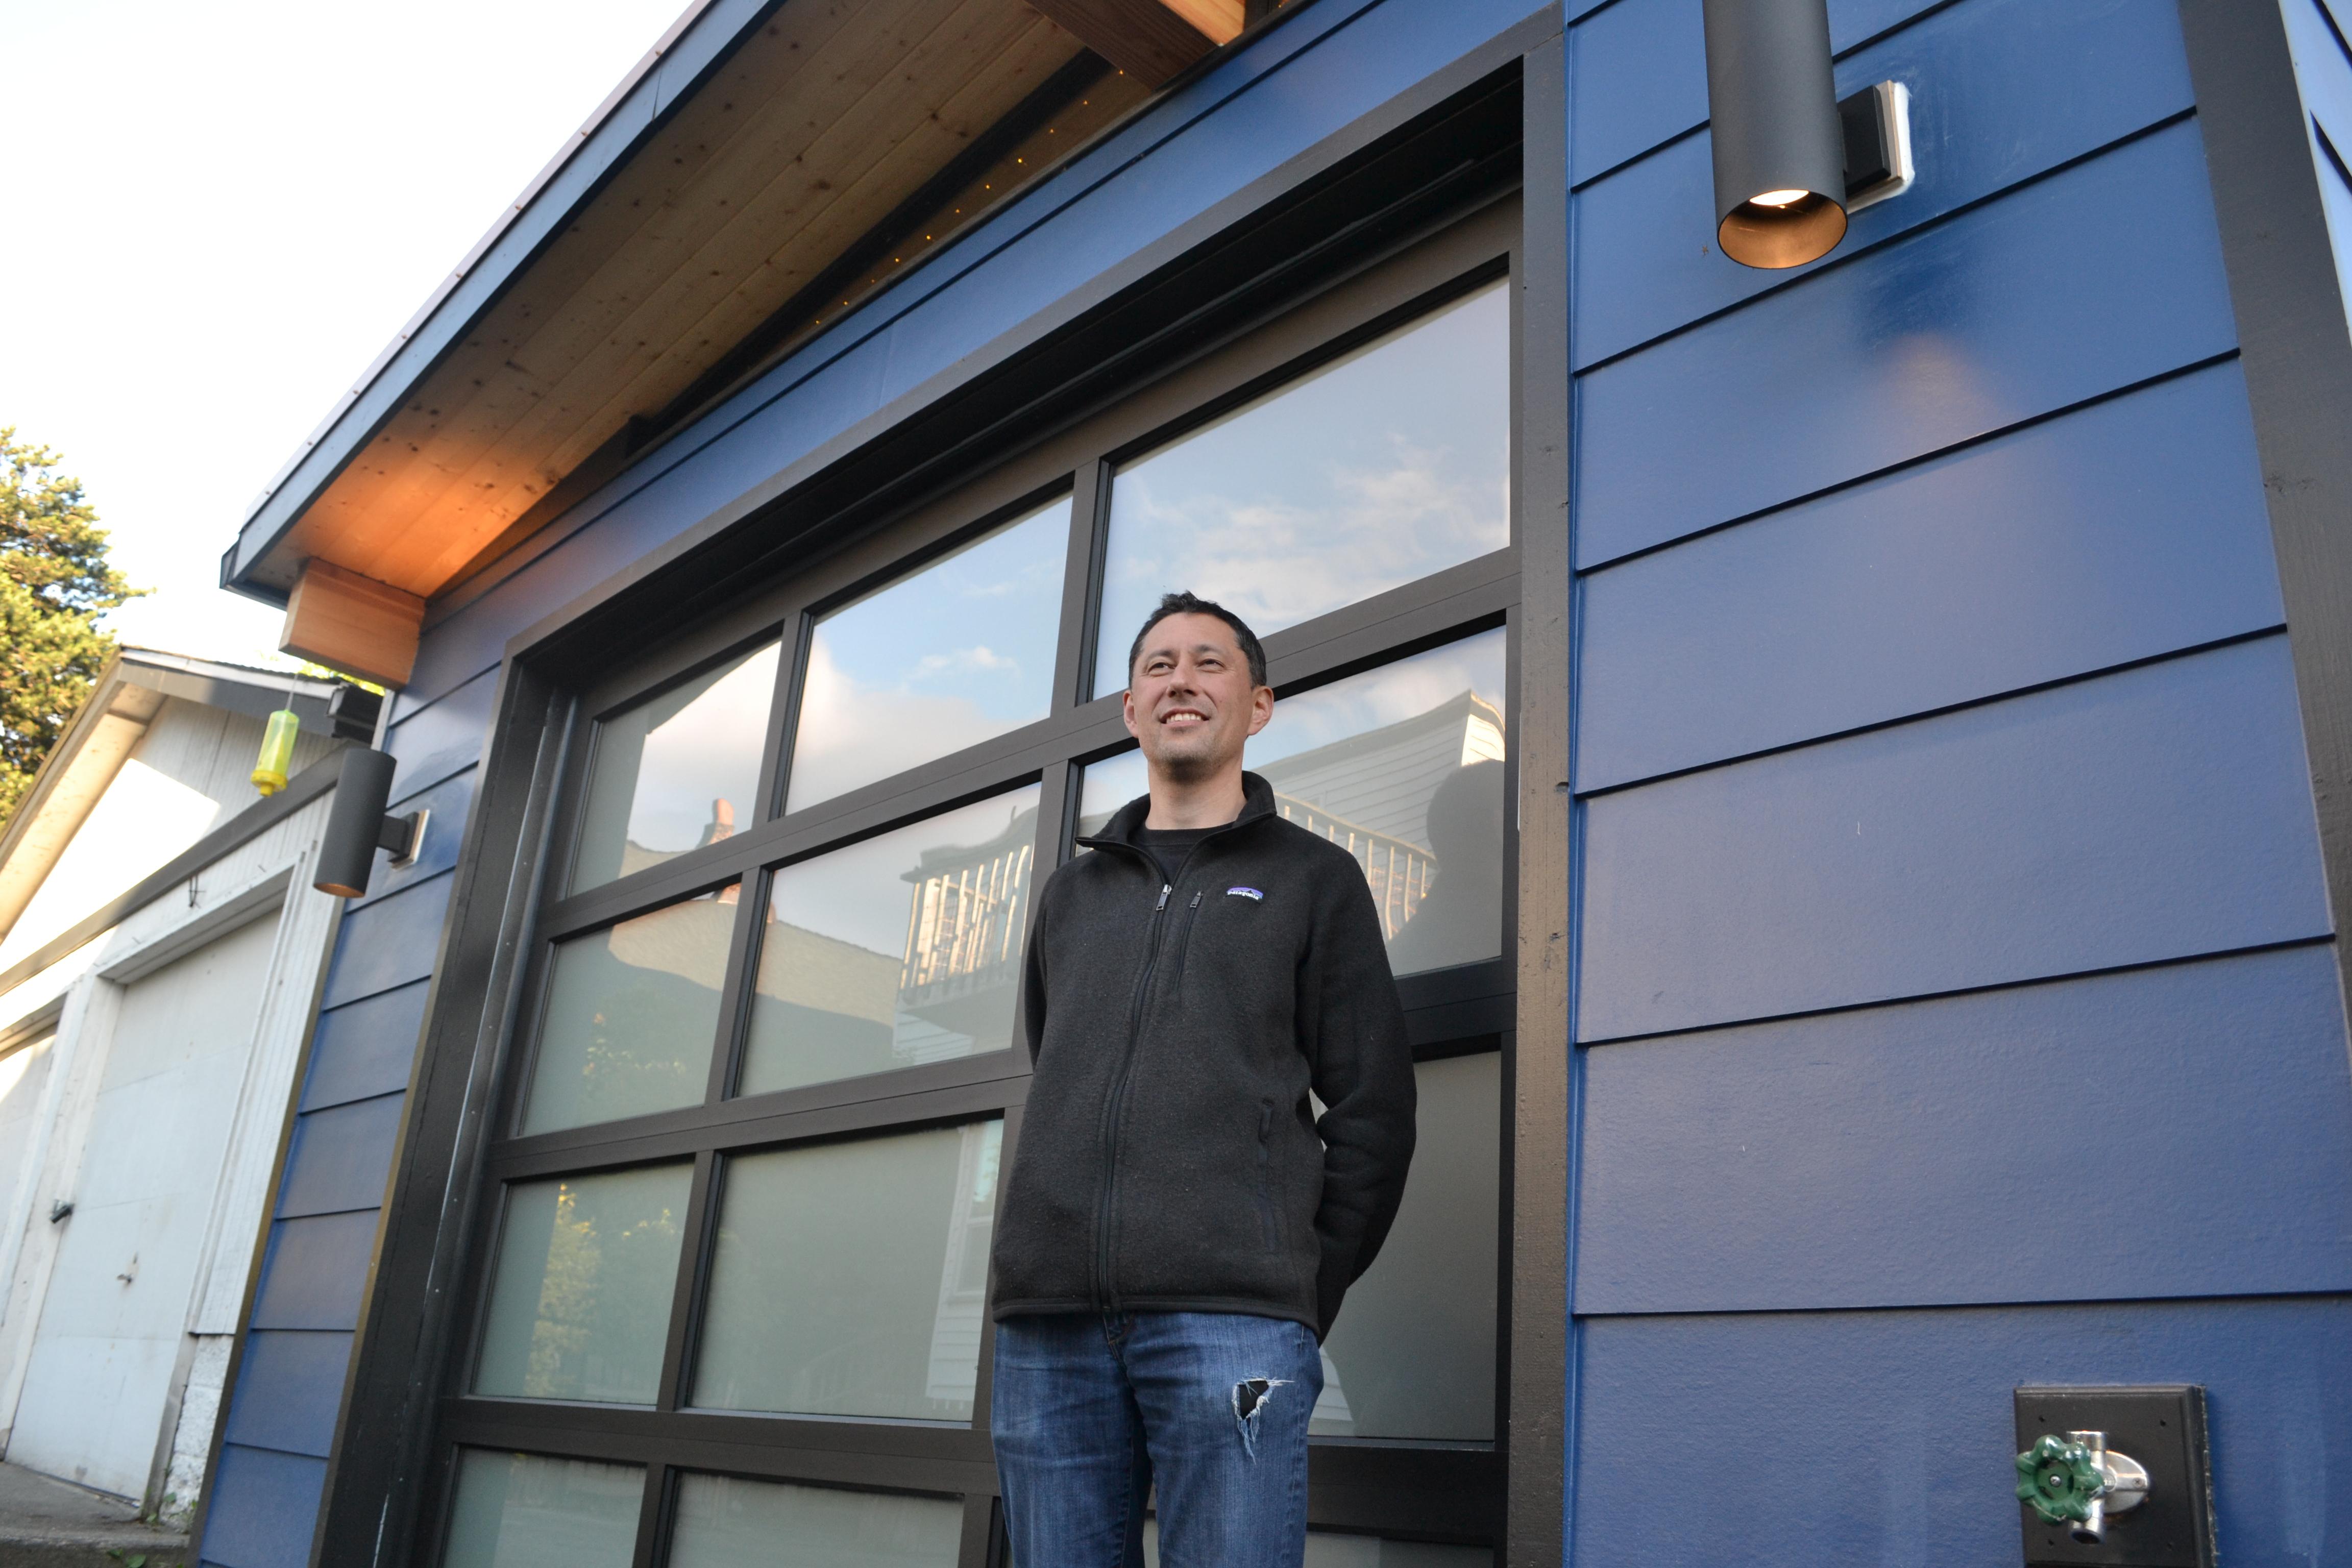 The ModernShed Garage